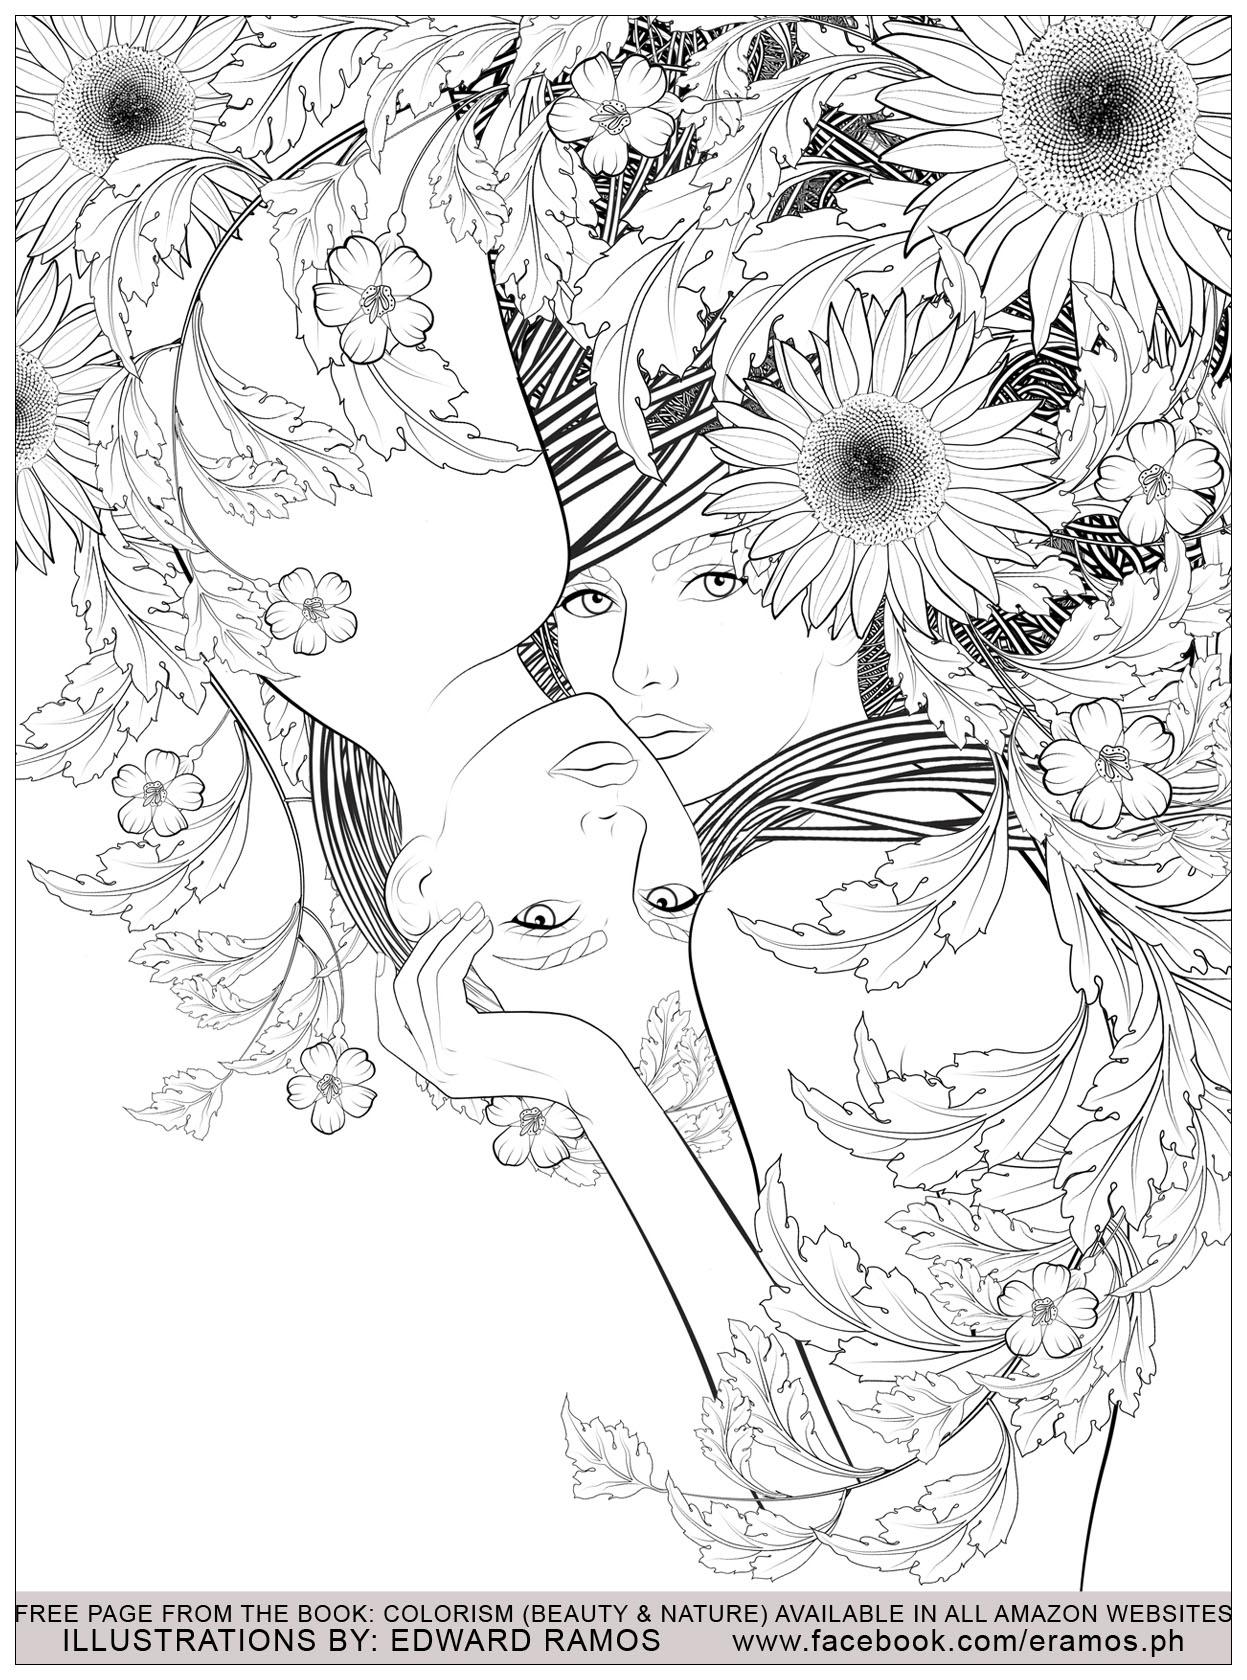 Illustration tirée du livre ' Colorism: Beauty & Nature' d'Edward Ramos - 1